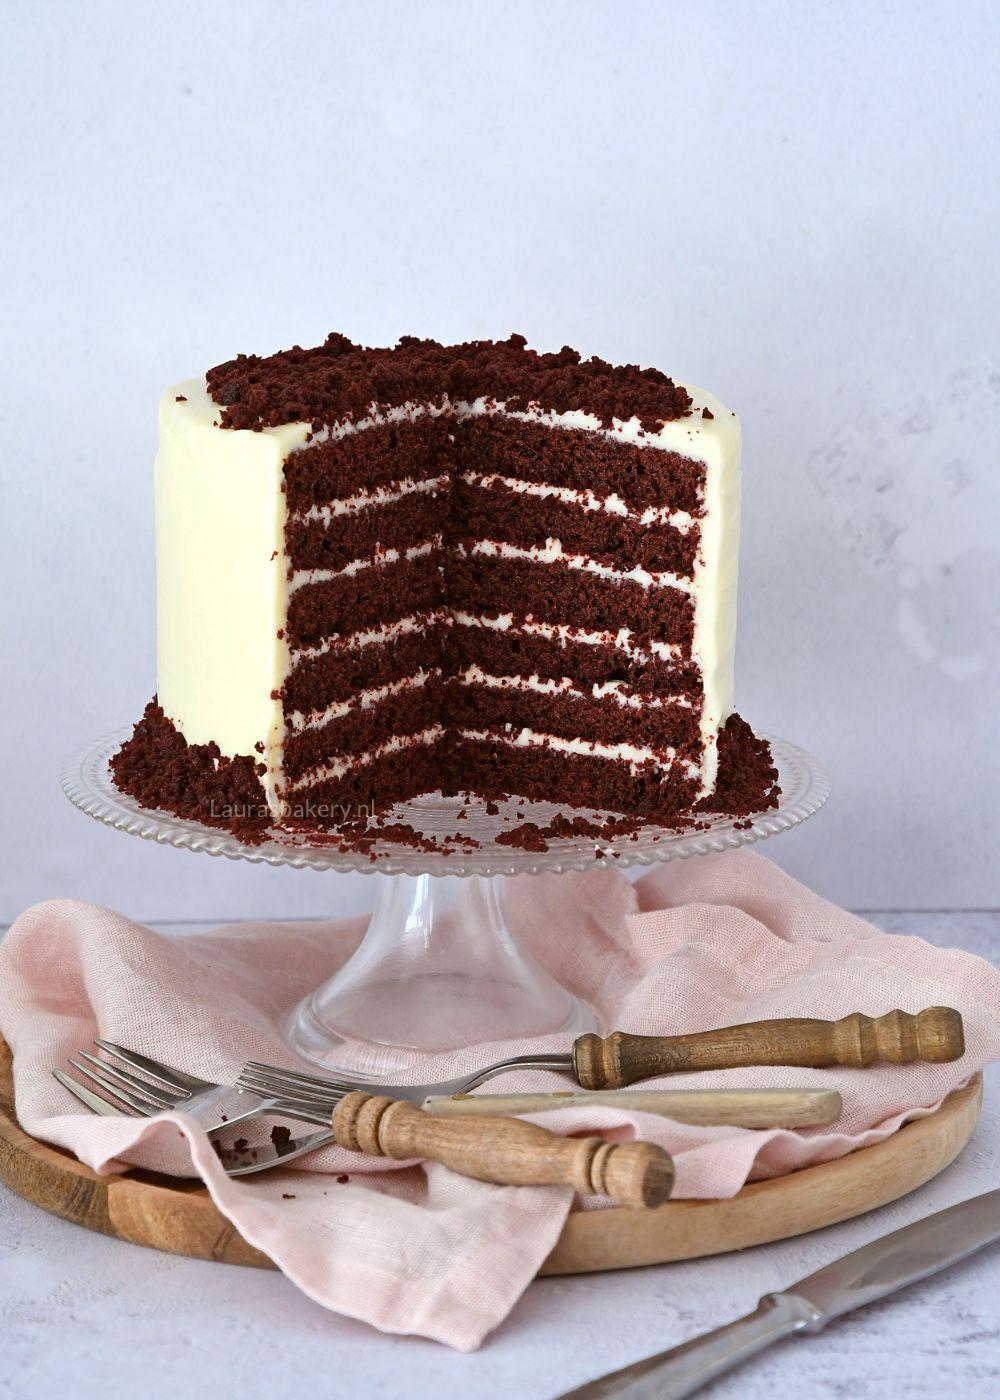 Verwonderend Red velvet taart - Laura's Bakery JE-07